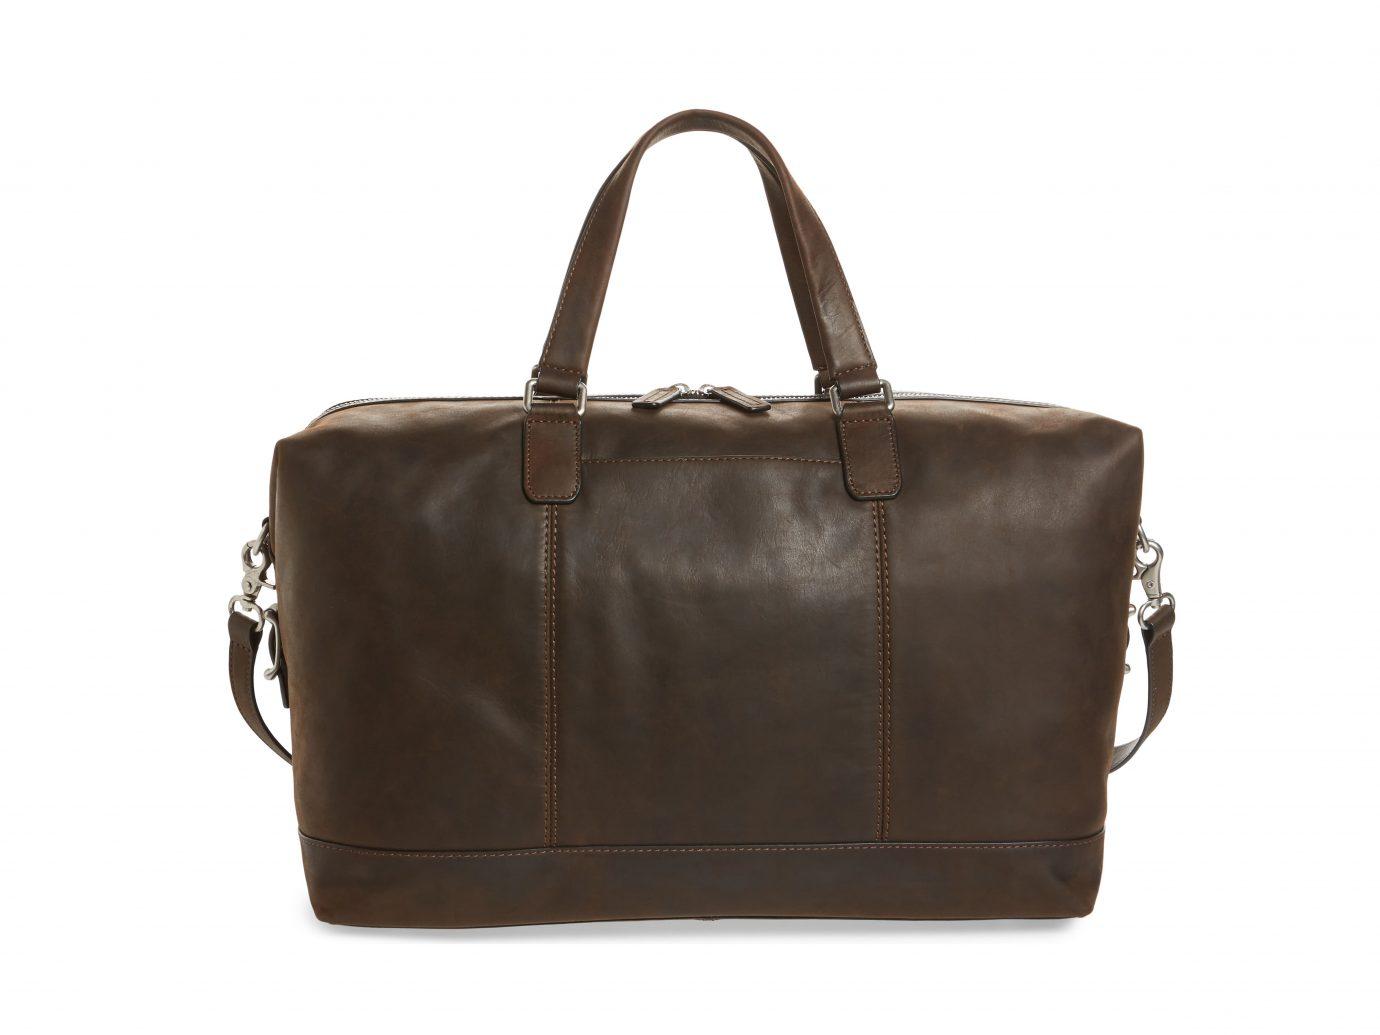 46fe36b33 The 13 Best Men's Weekend Duffel Bags | Jetsetter